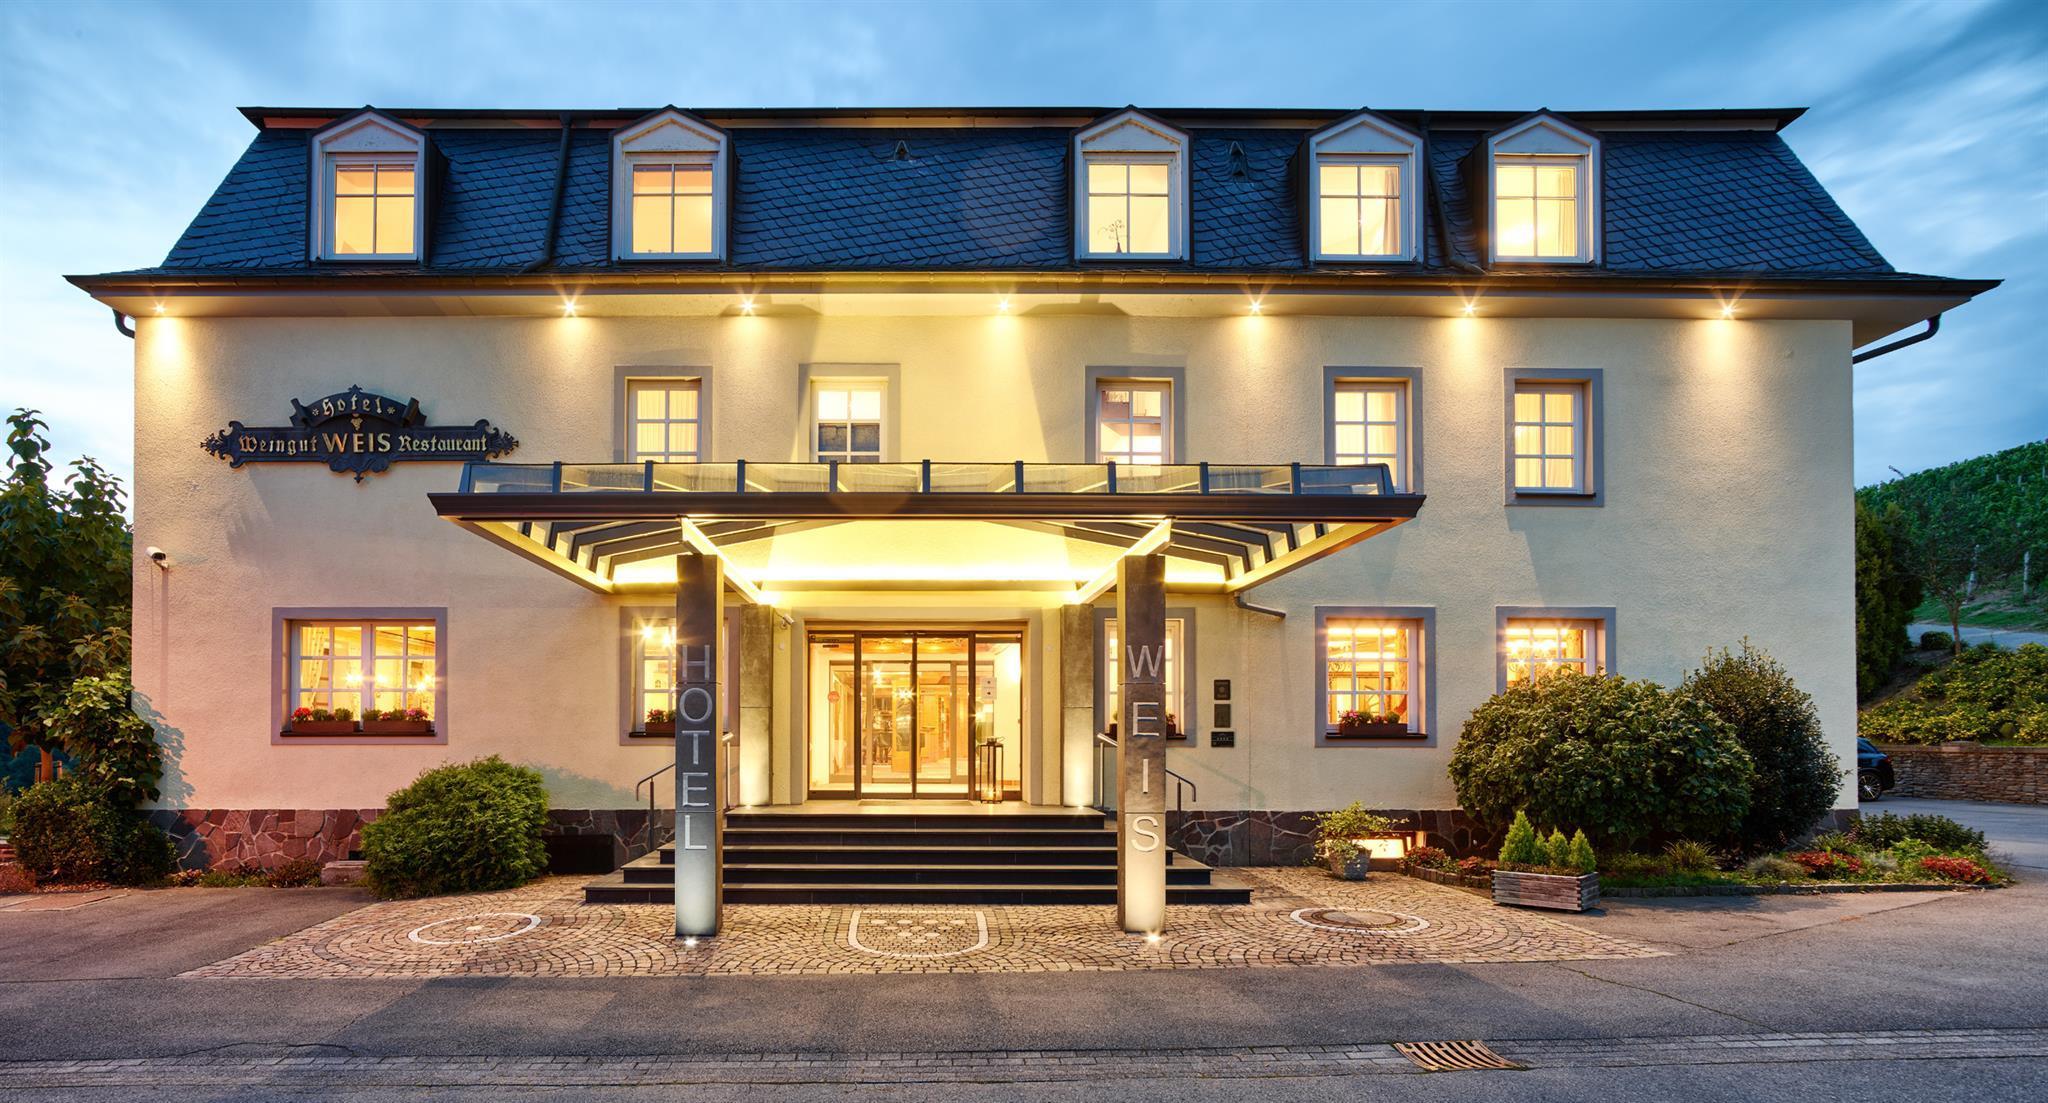 Hotel Weis